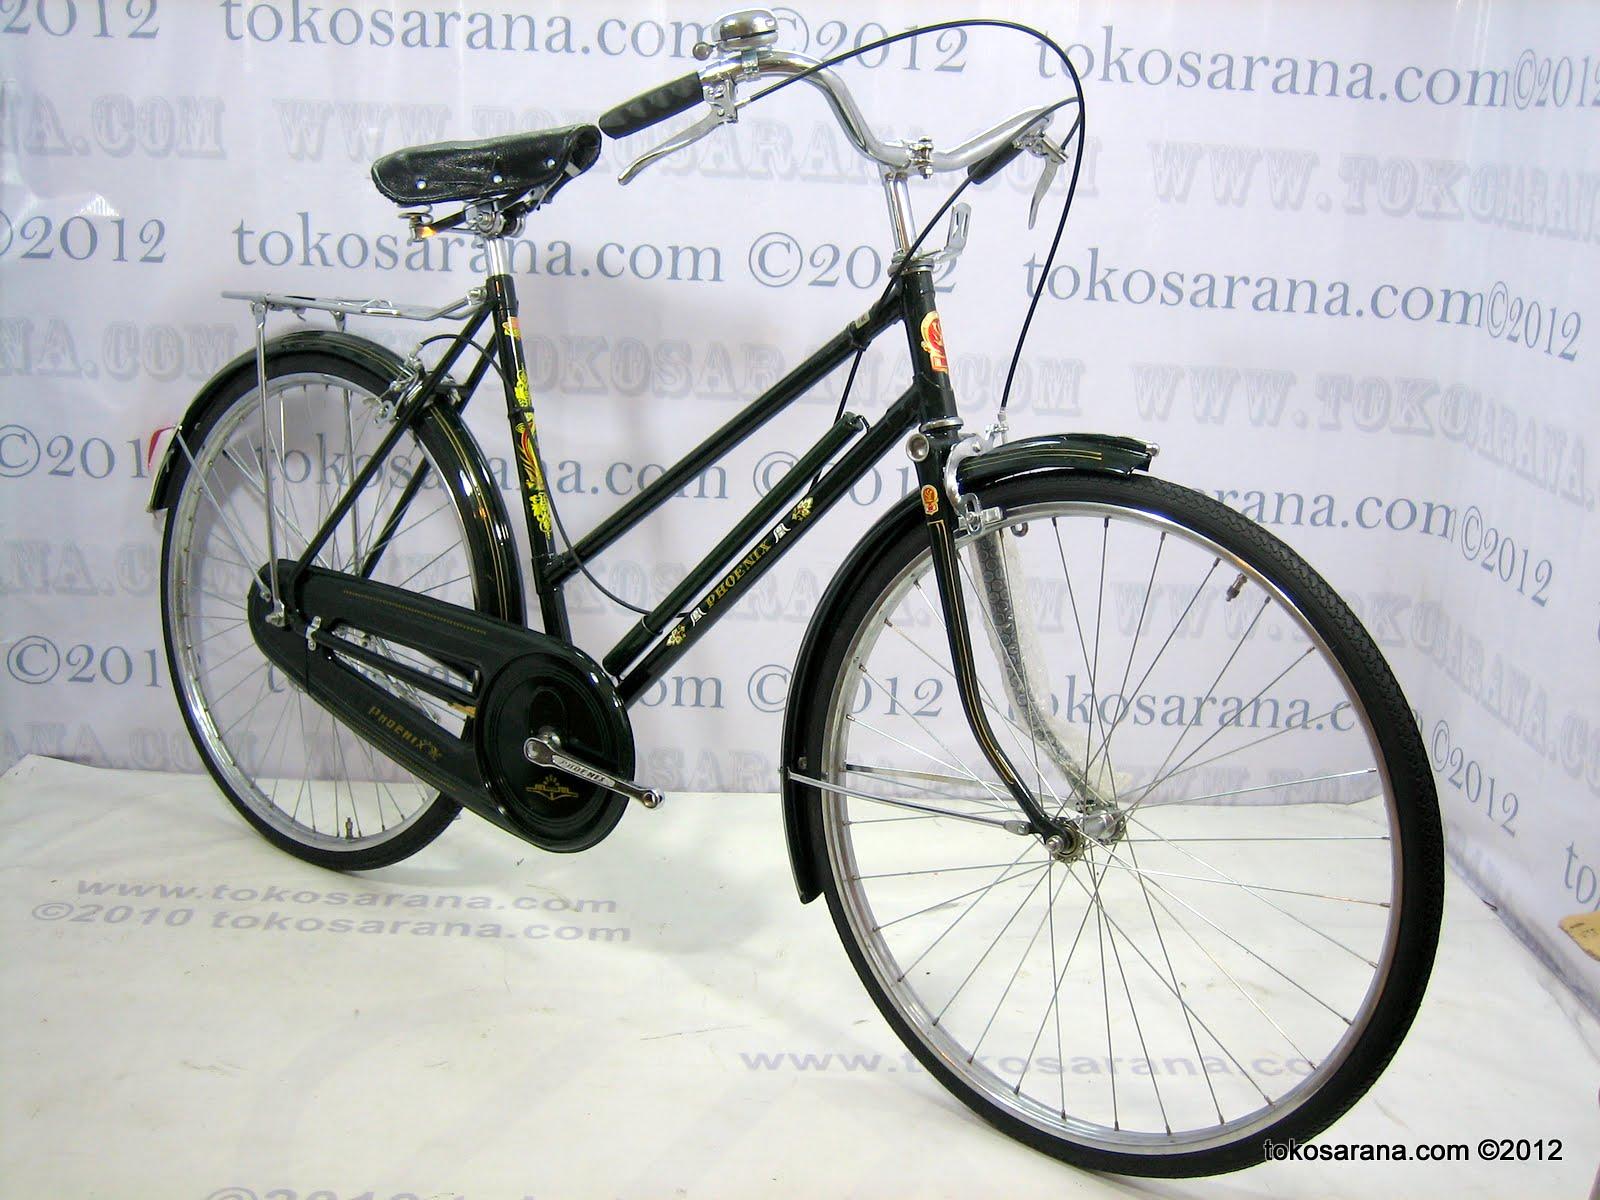 tokosarana™ | Mahasarana Sukses™: Heavy-duty Bike PHOENIX